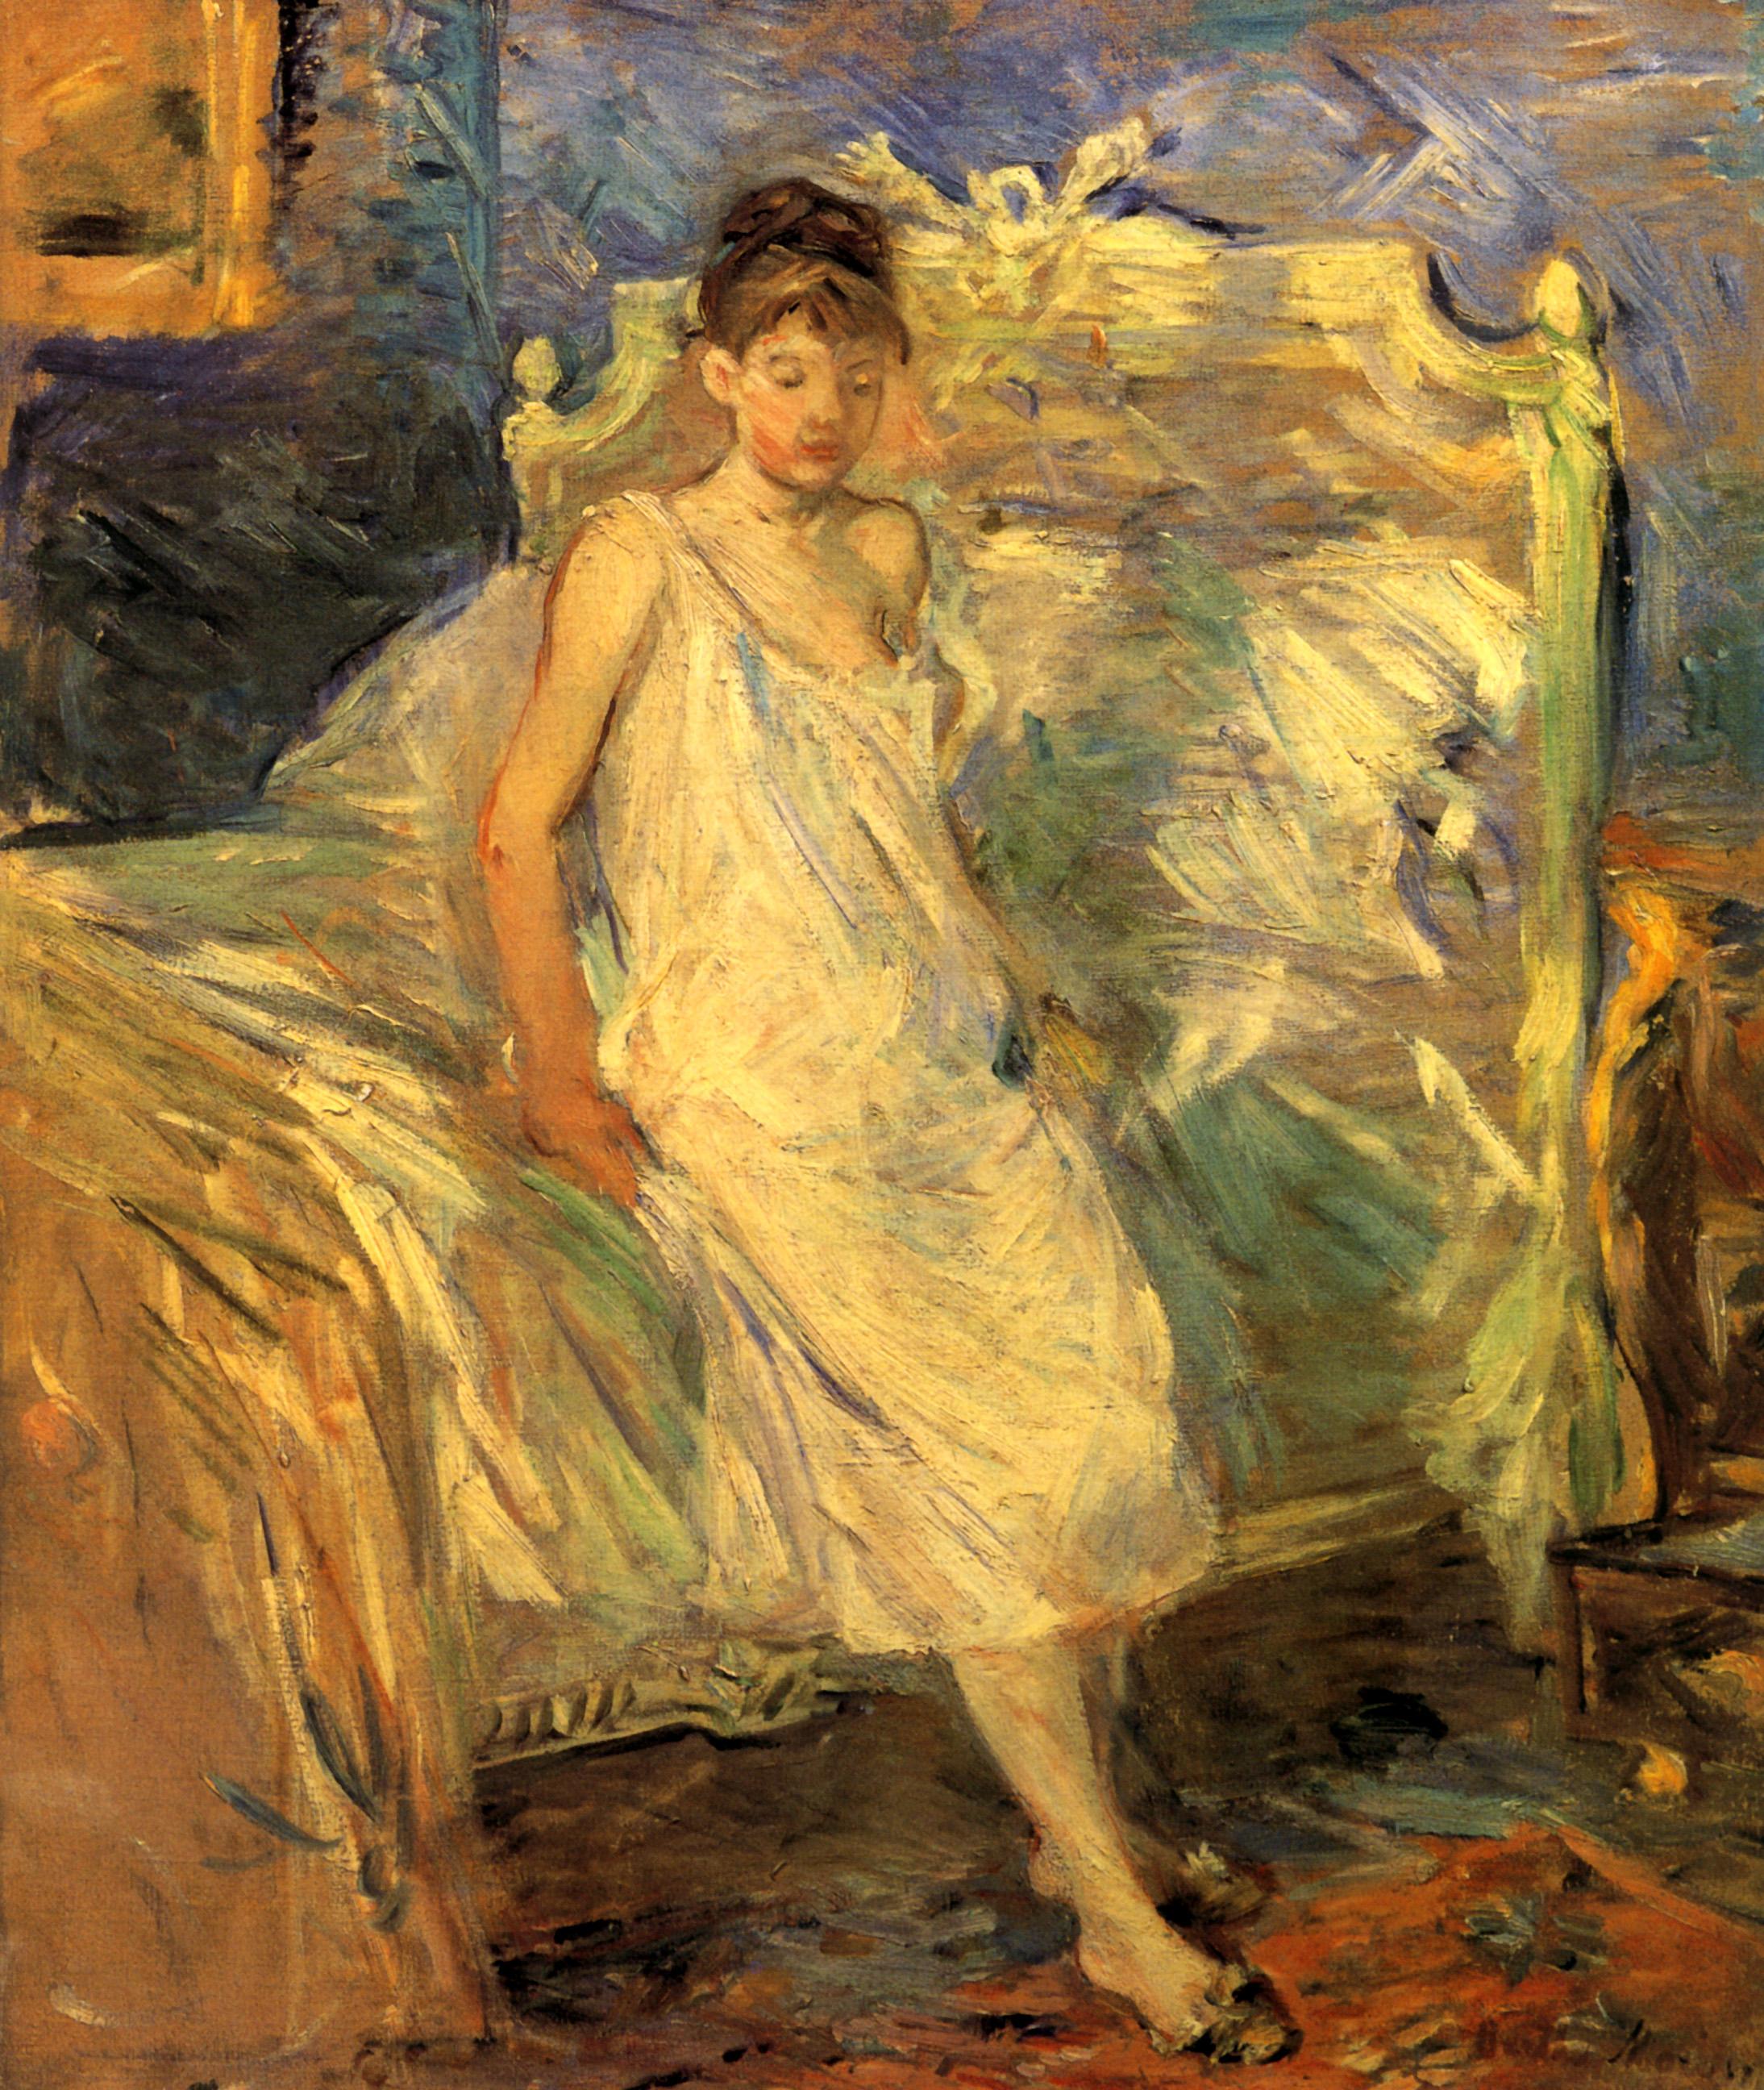 30 Beautiful Paintings by Berthe Morisot  5Minute History